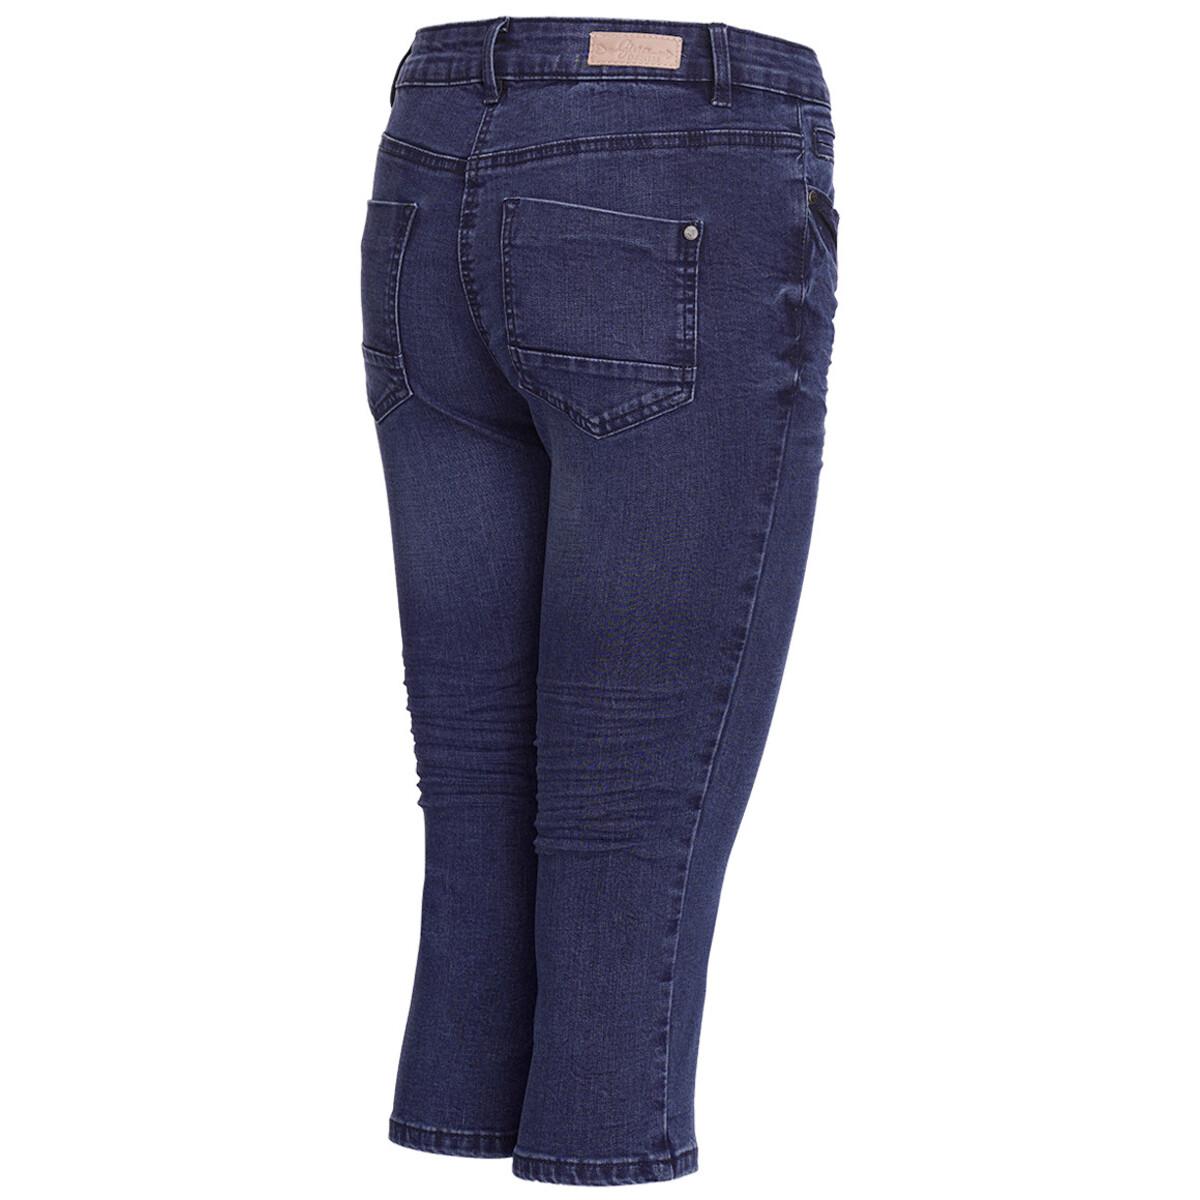 Bild 3 von 3/4 Damen Slim-Jeans im Five-Pocket-Style